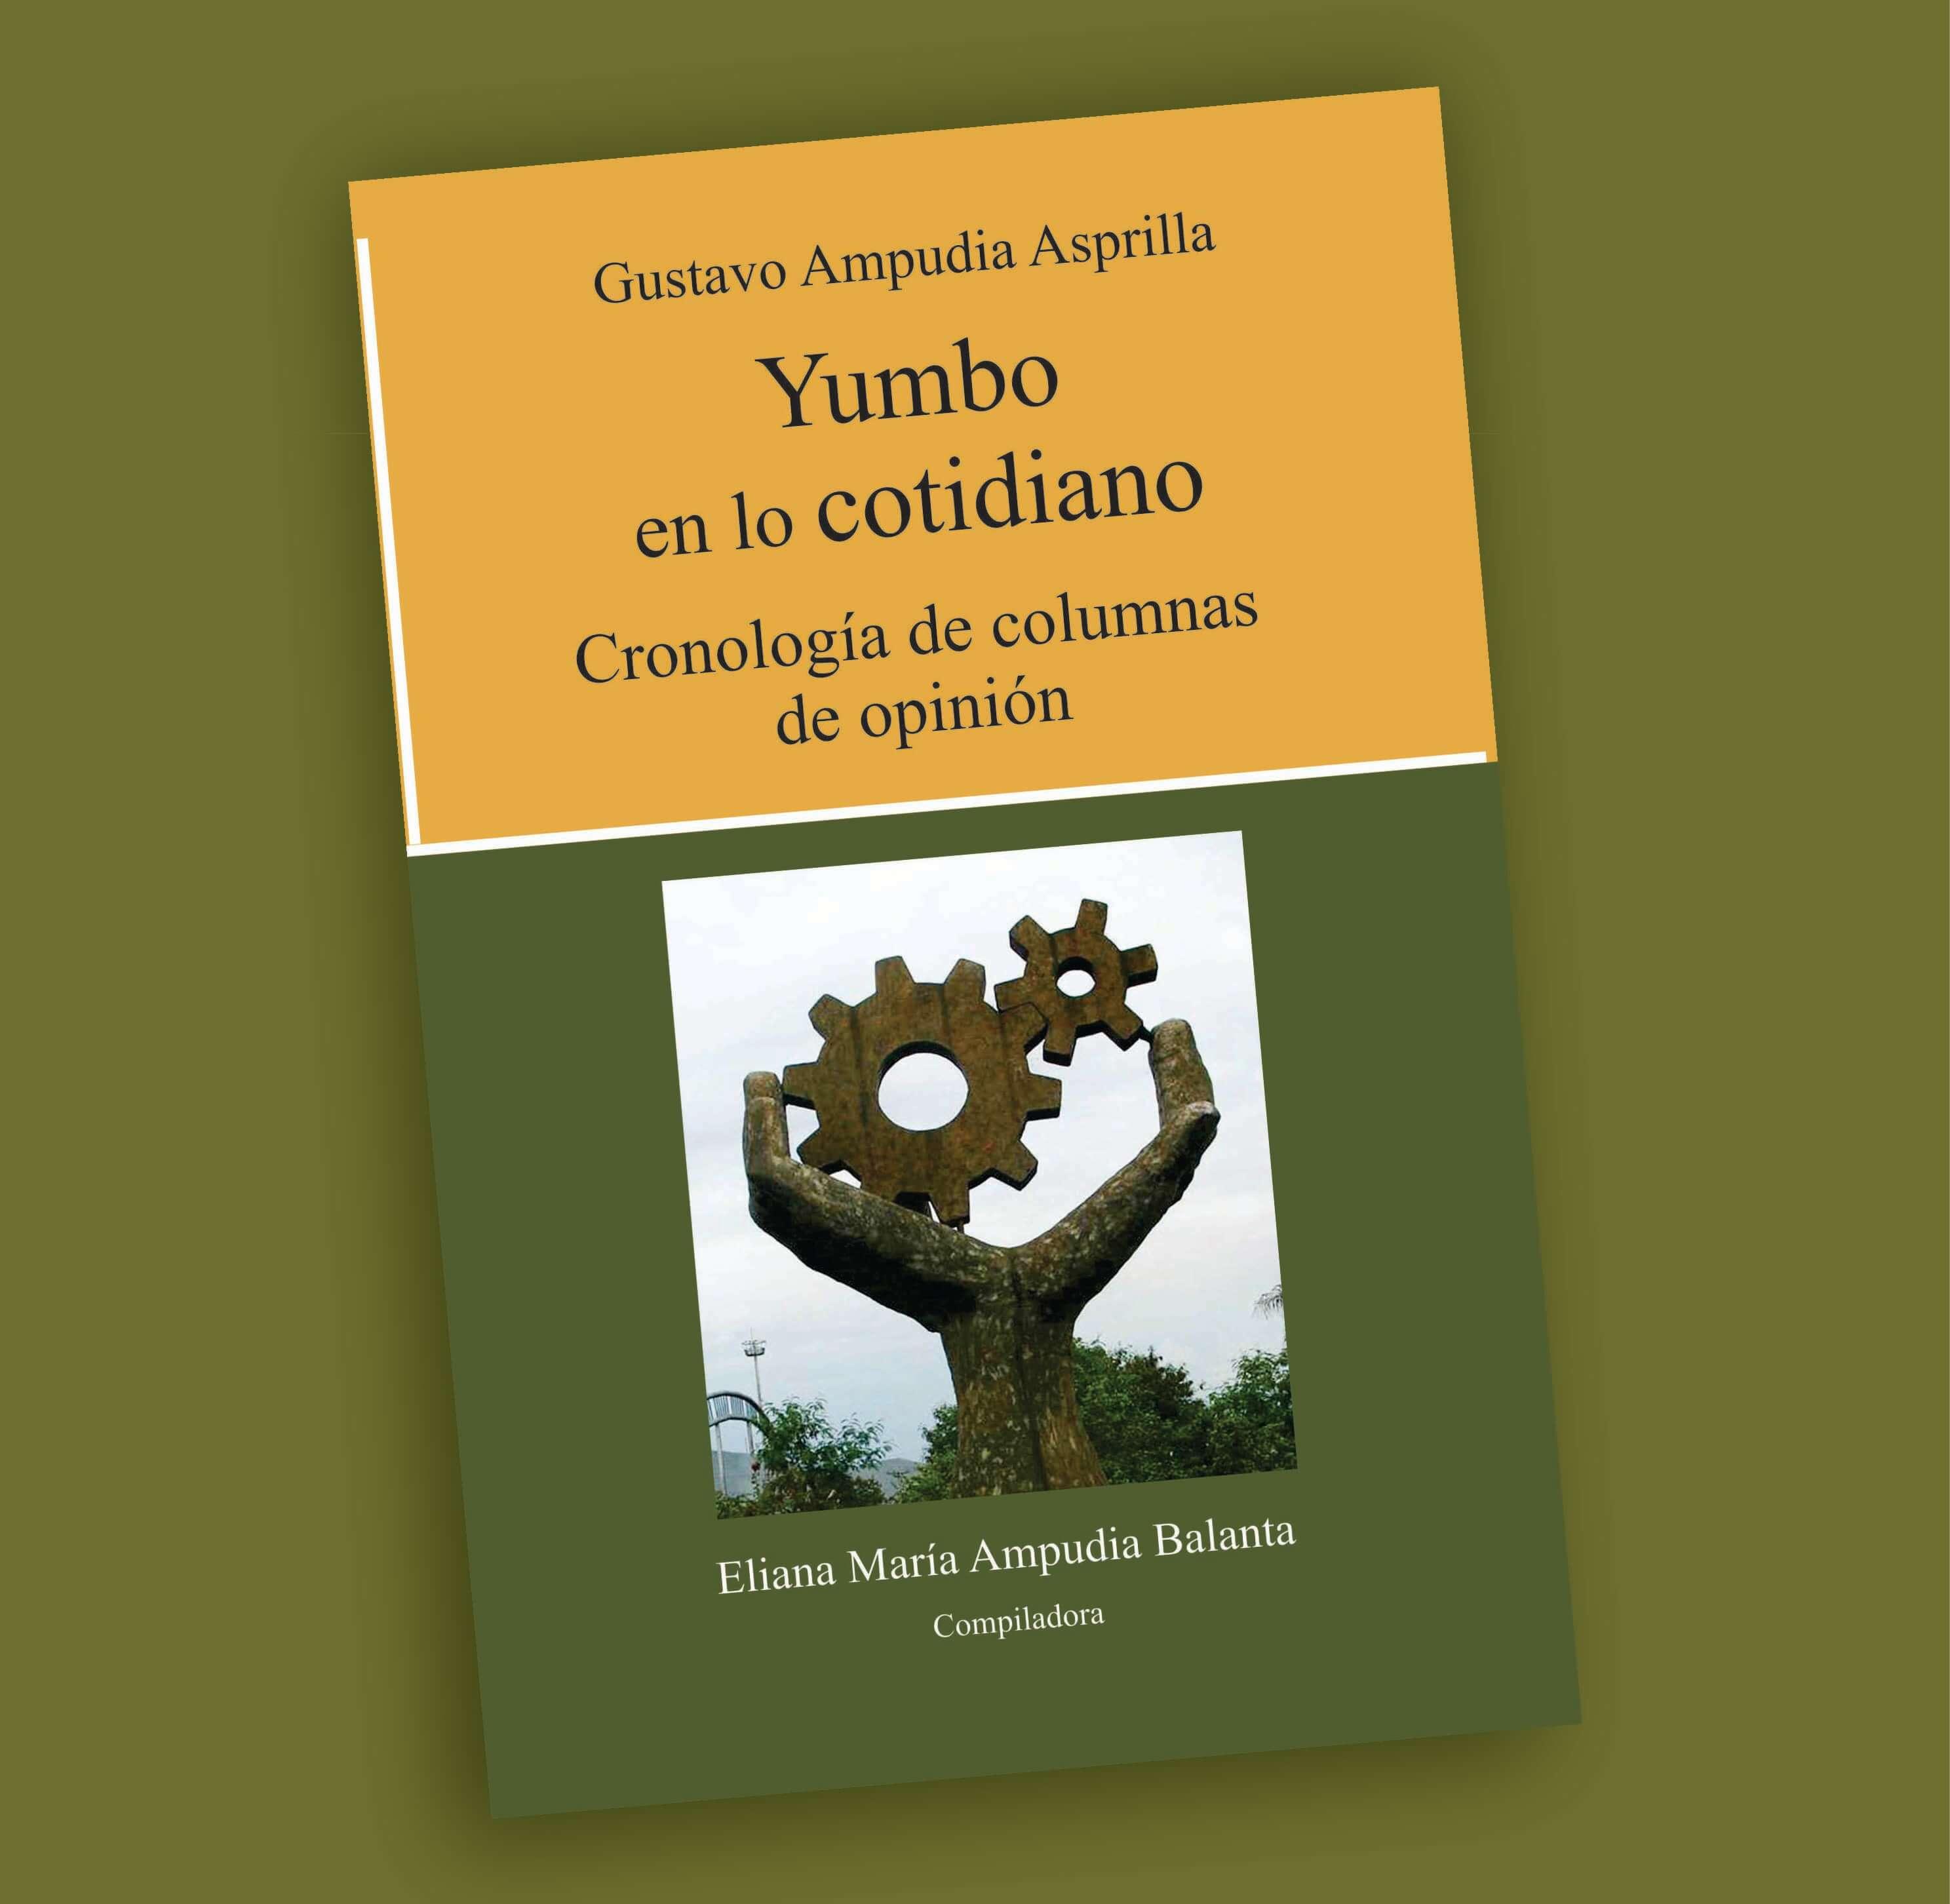 Yumbo en lo cotidiano-Gustavo Ampudia Asprilla